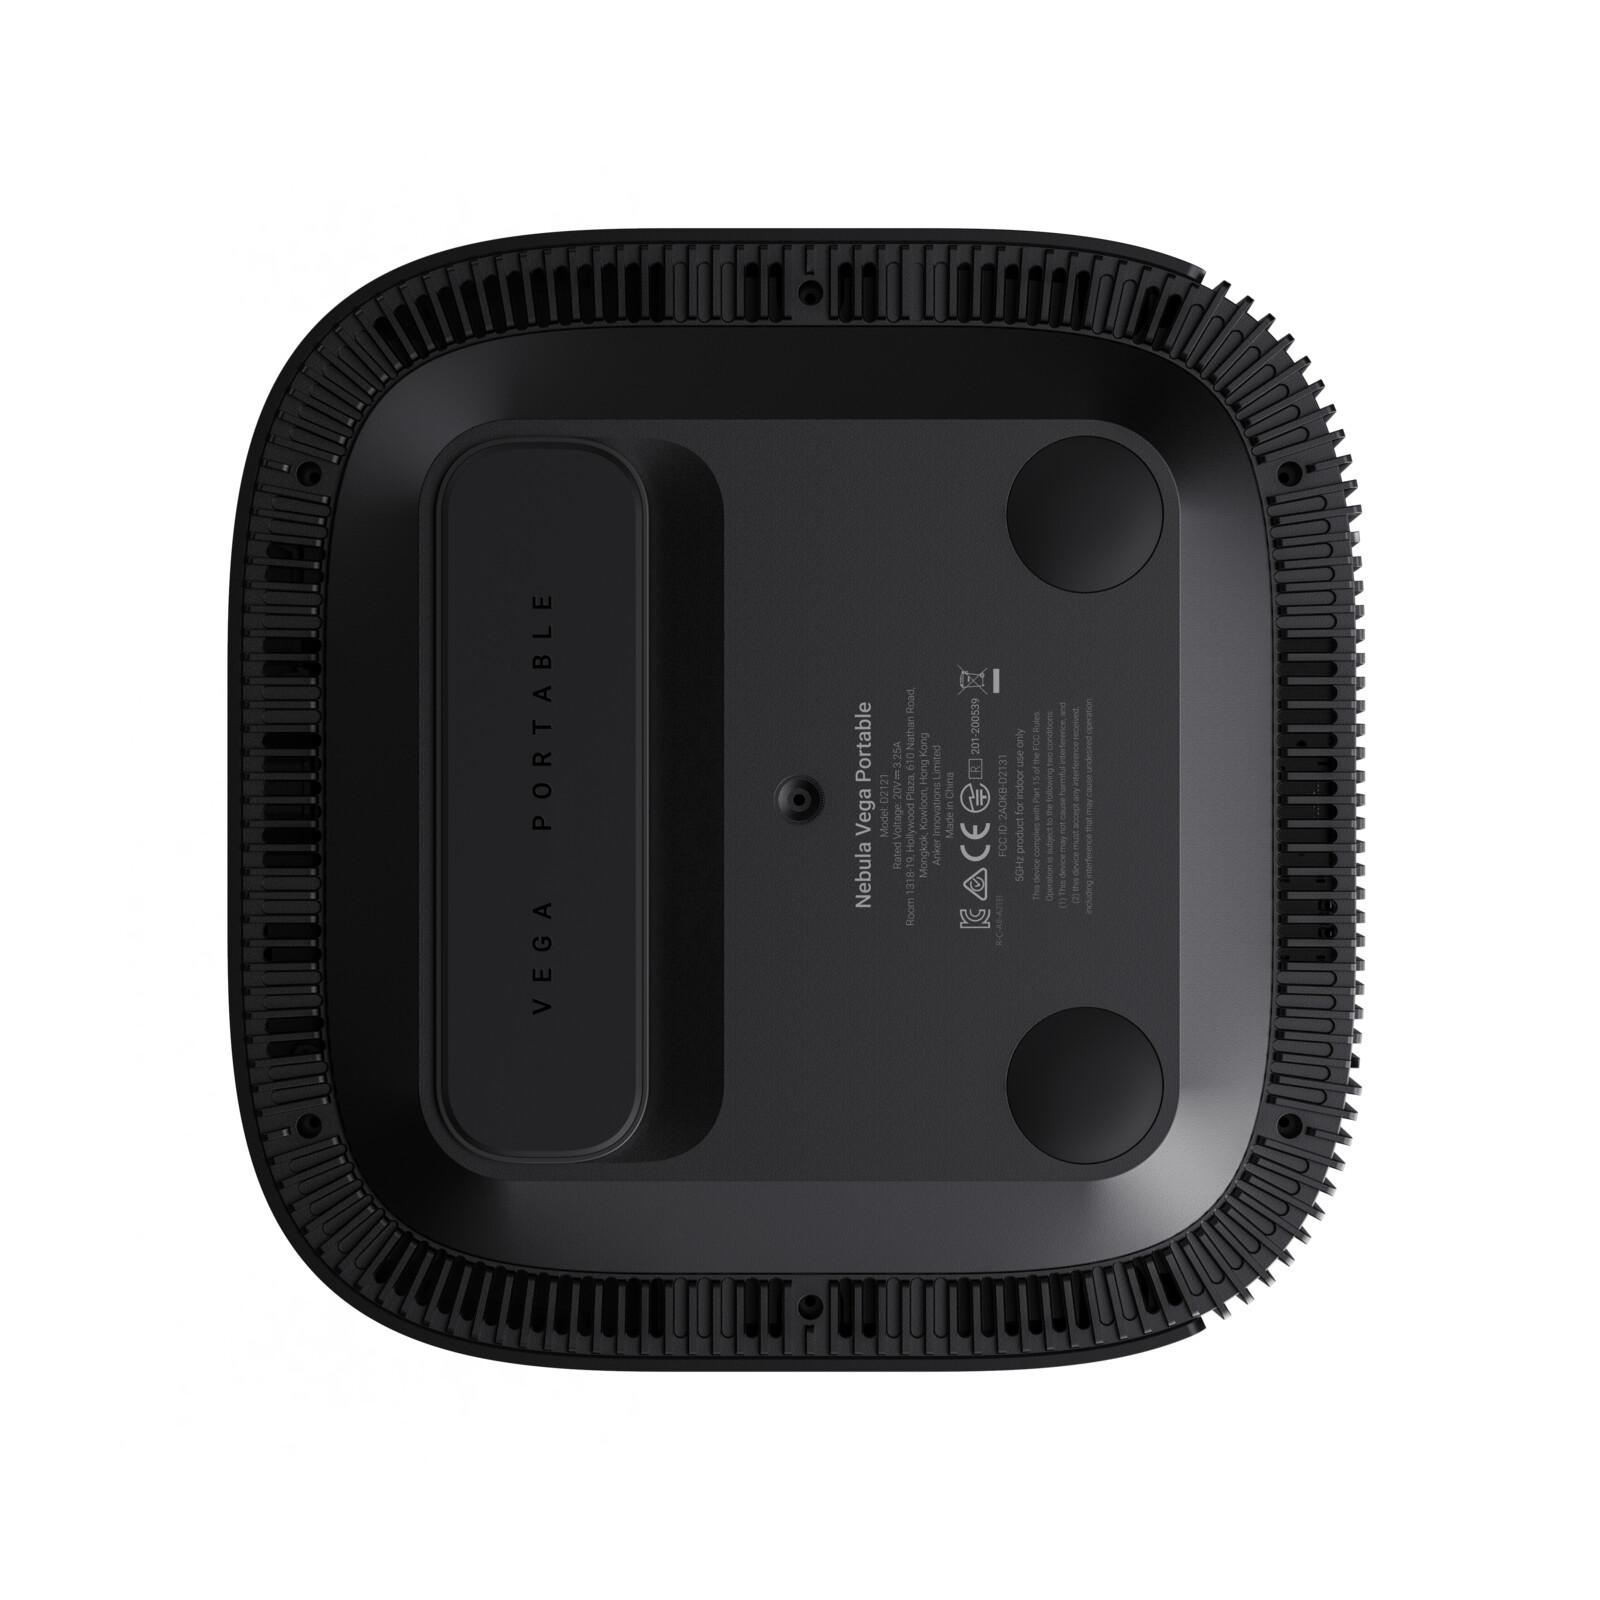 Anker Vega Portable EU+UK